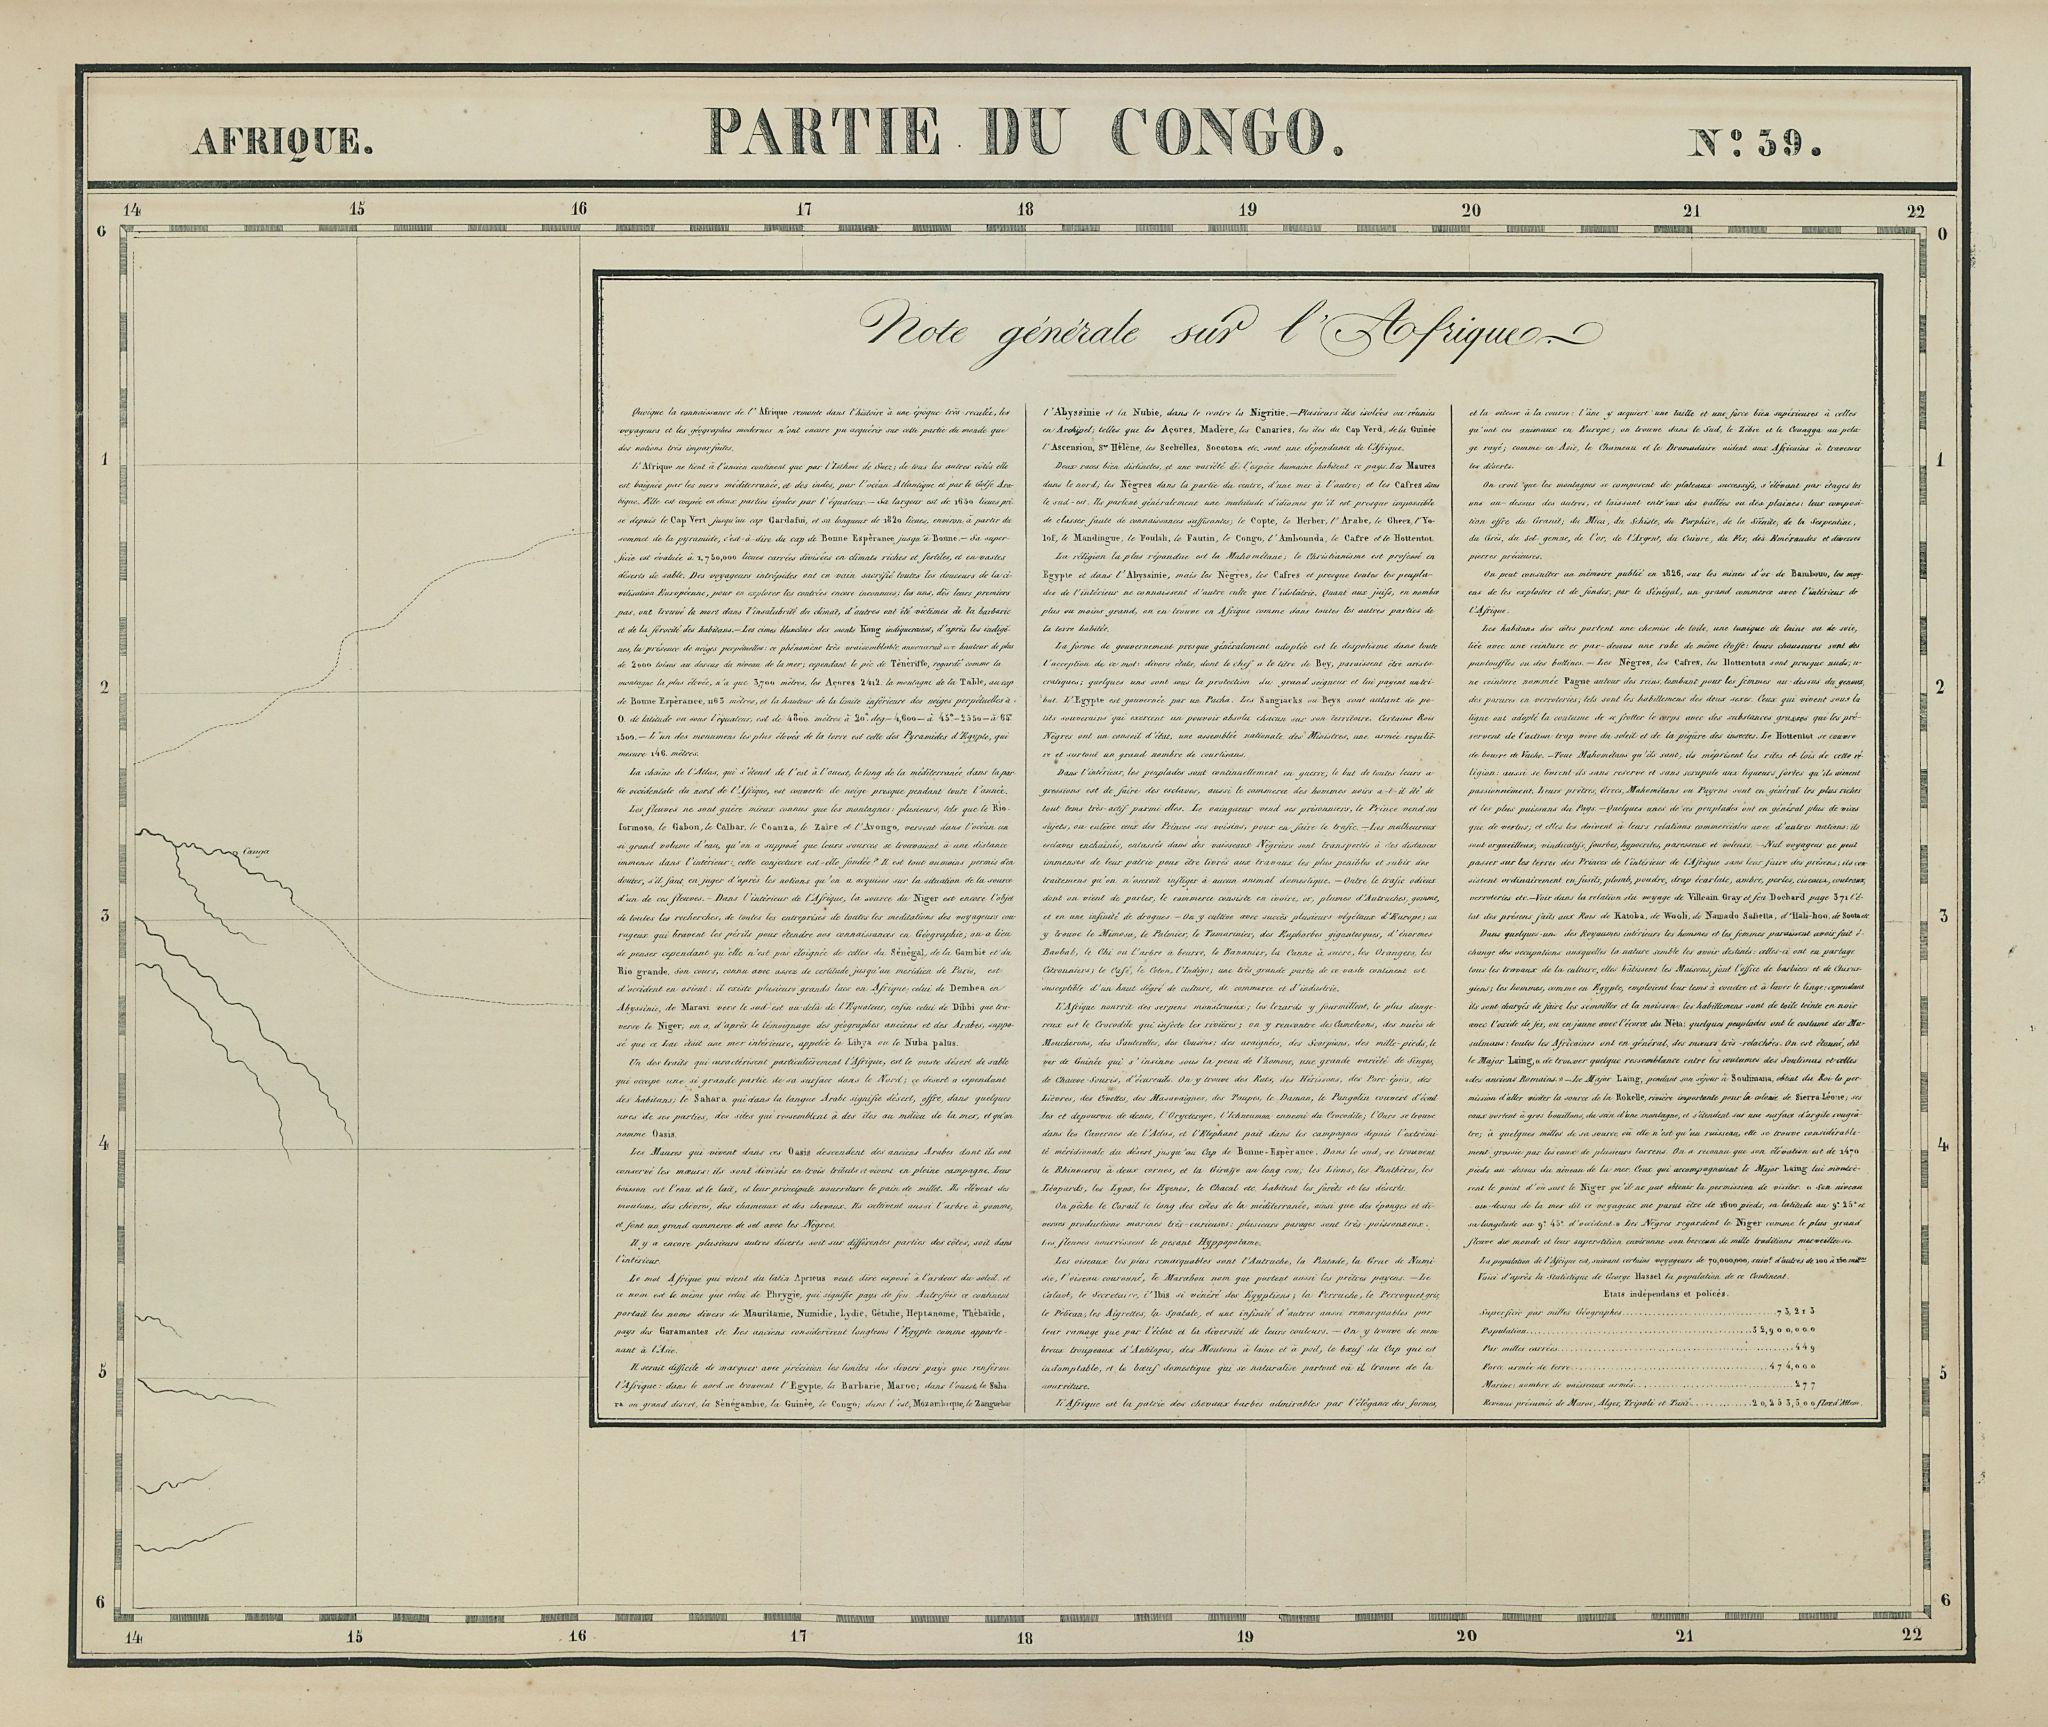 Afrique. Partie du Congo. Note générale sur l'Afrique #39. VANDERMAELEN 1827 map